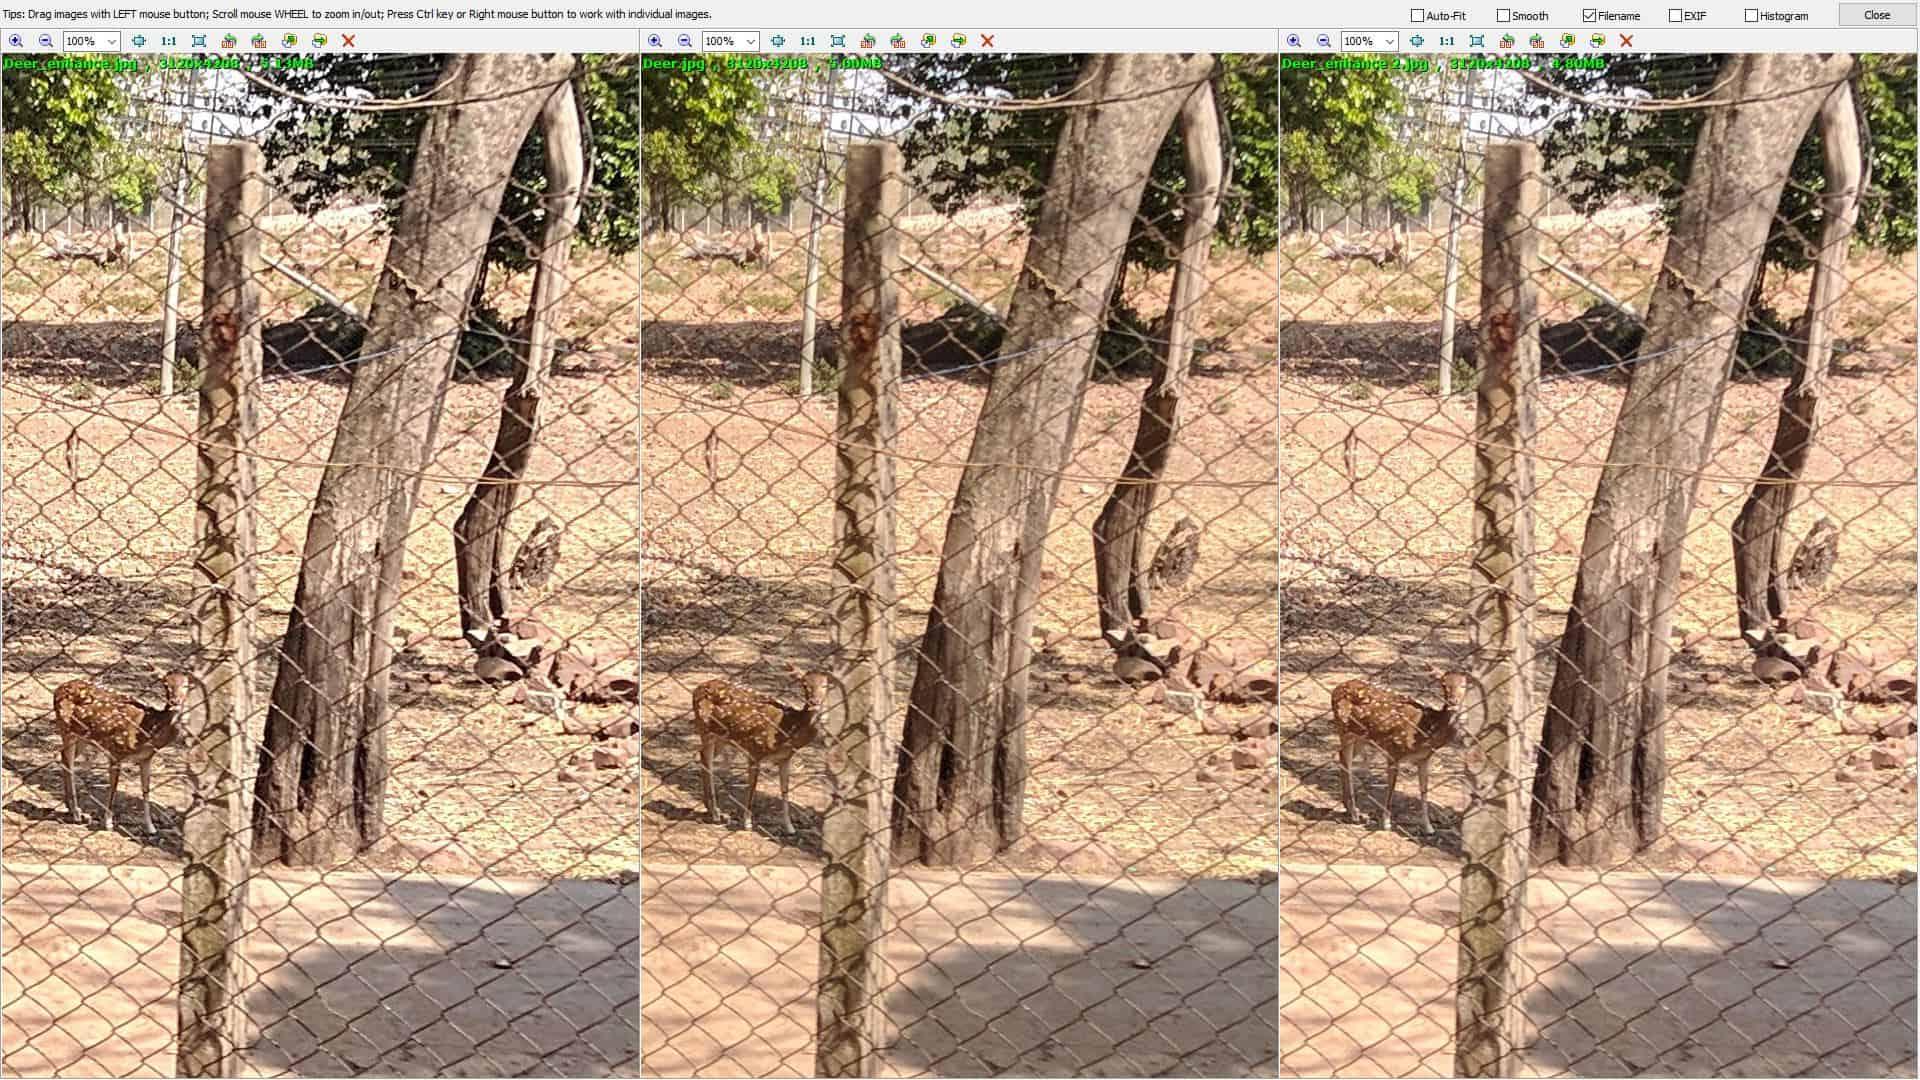 Fenophoto comparison 2